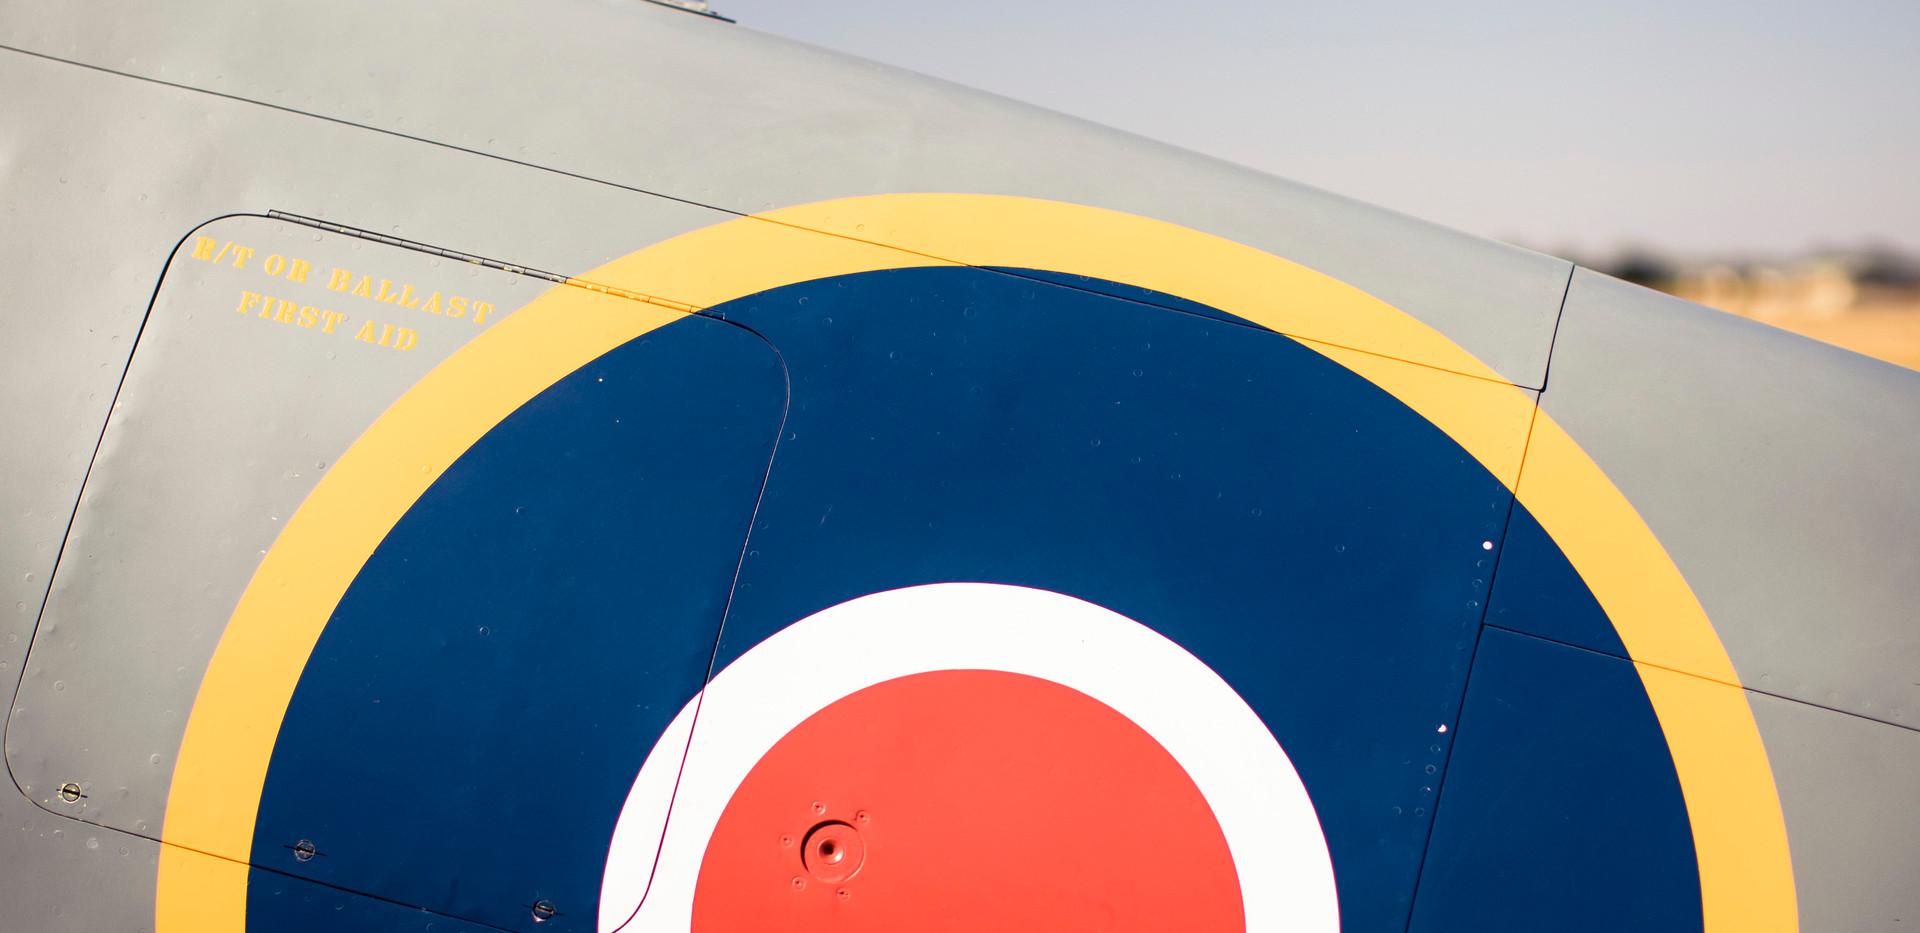 0647_DG_Mustang_Spitfire.jpg